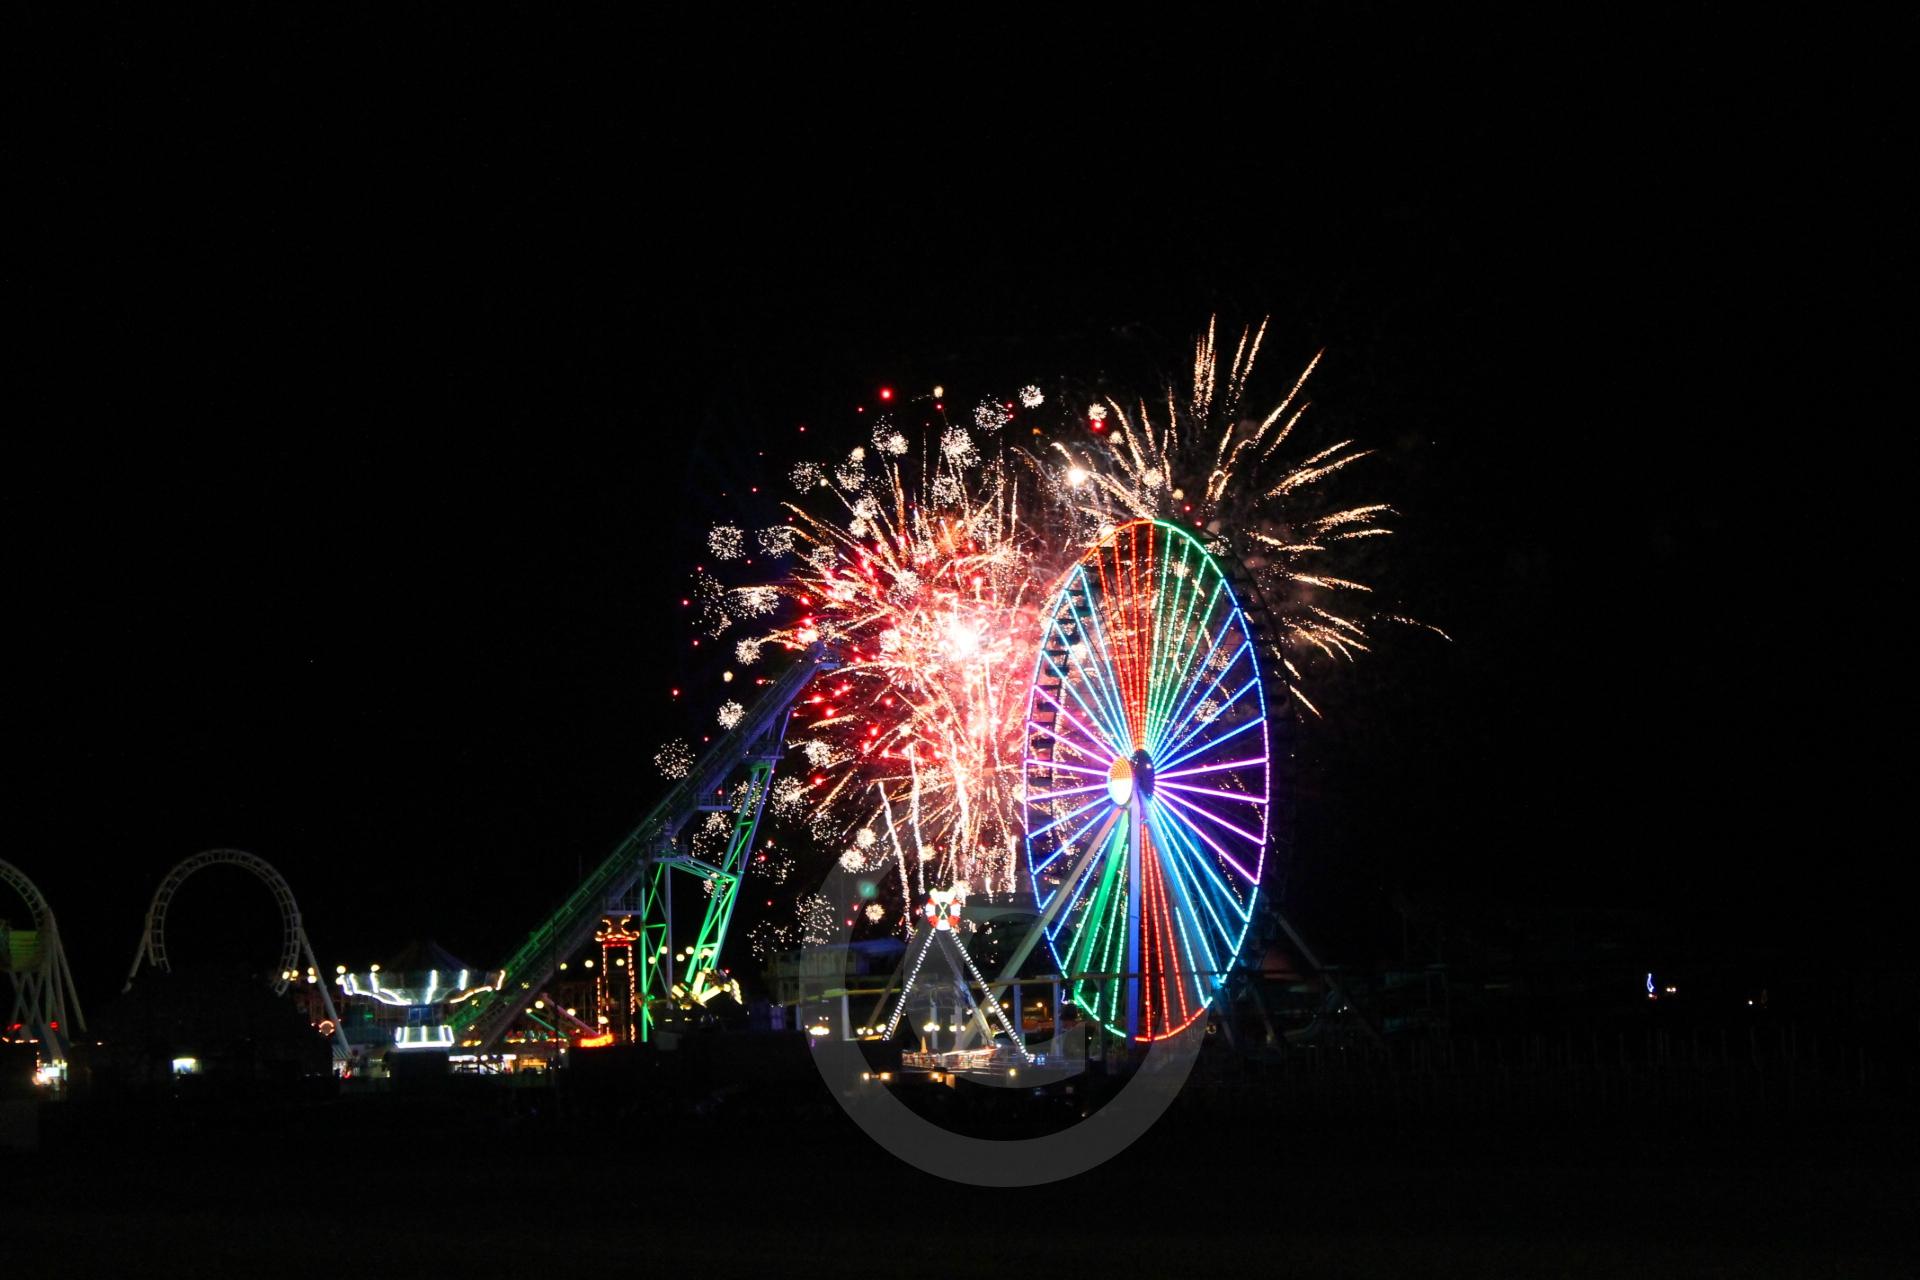 ferris wheel fireworks originalcr